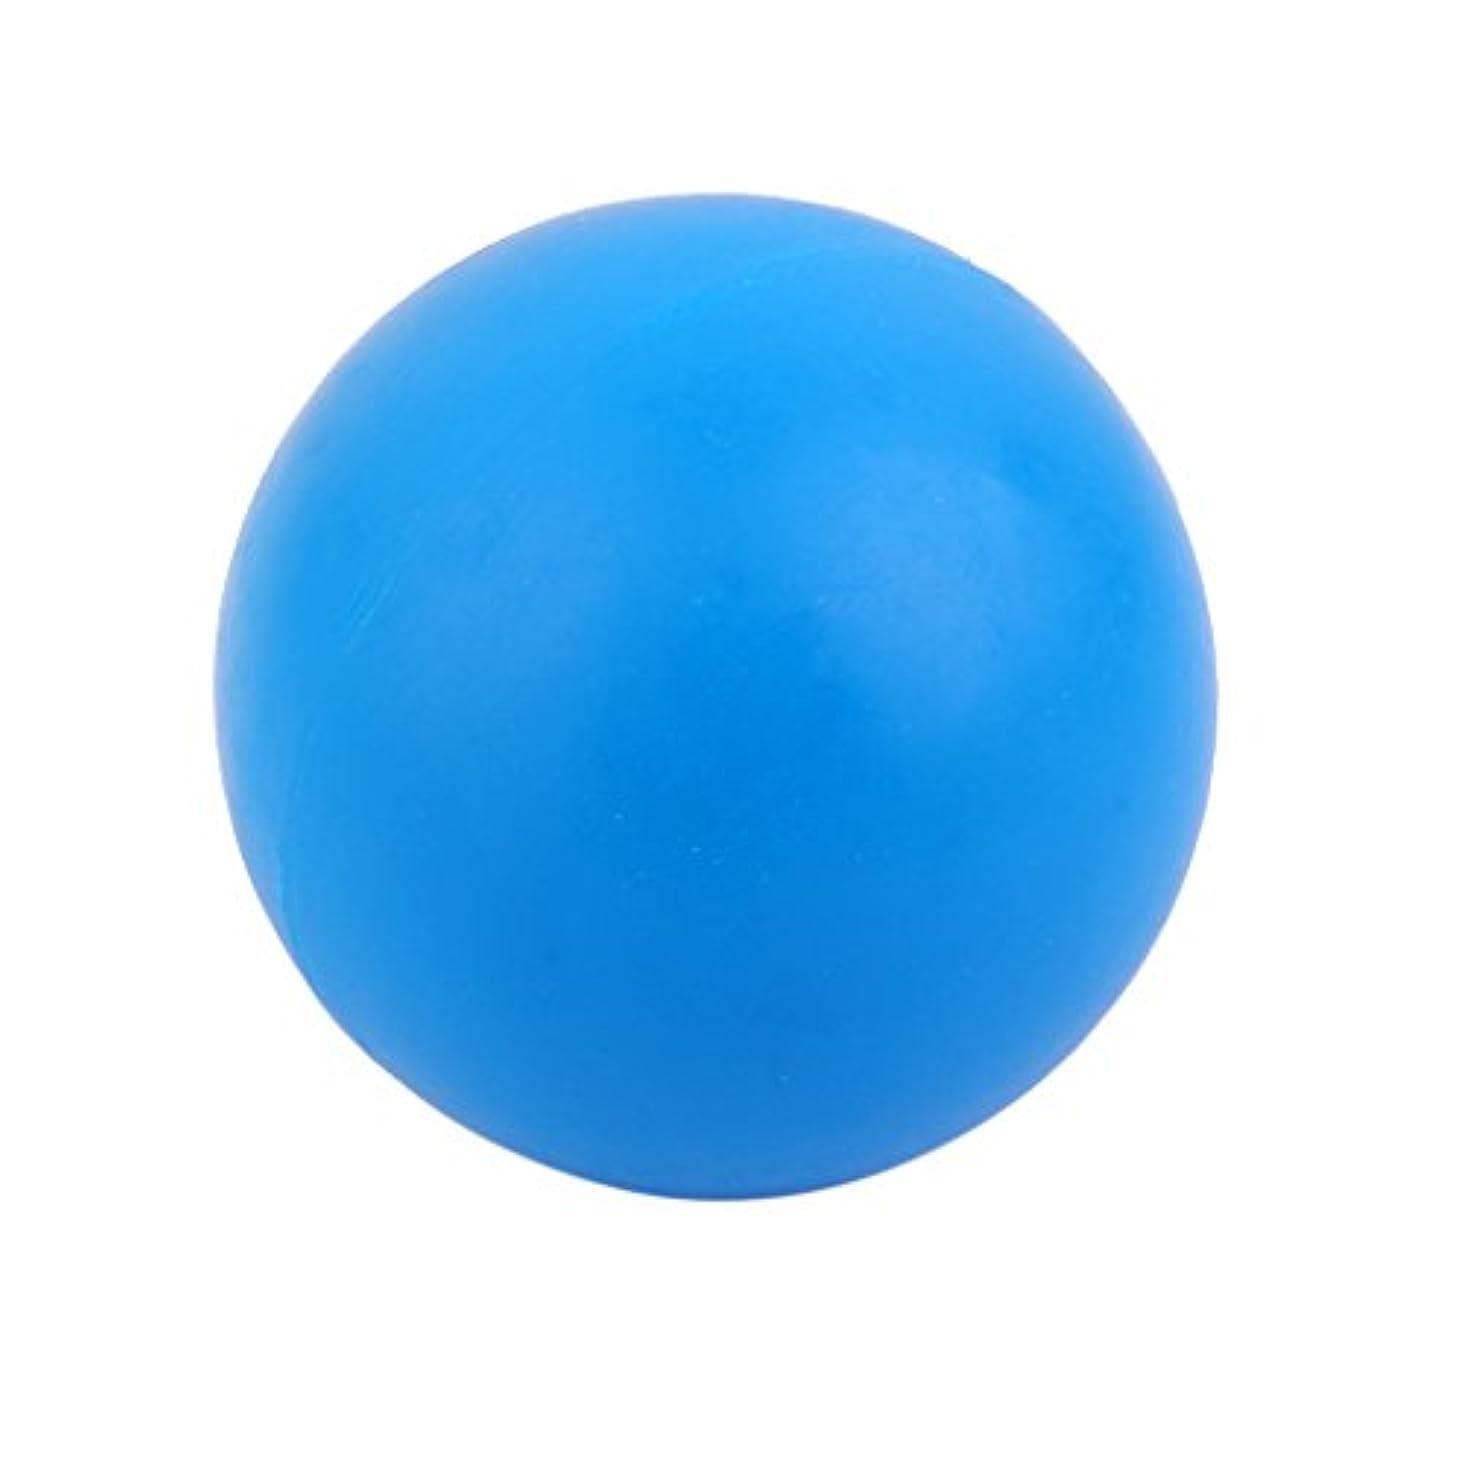 余暇ラフレシアアルノルディ管理しますマッサージボール 反応ボール トレーニングボール